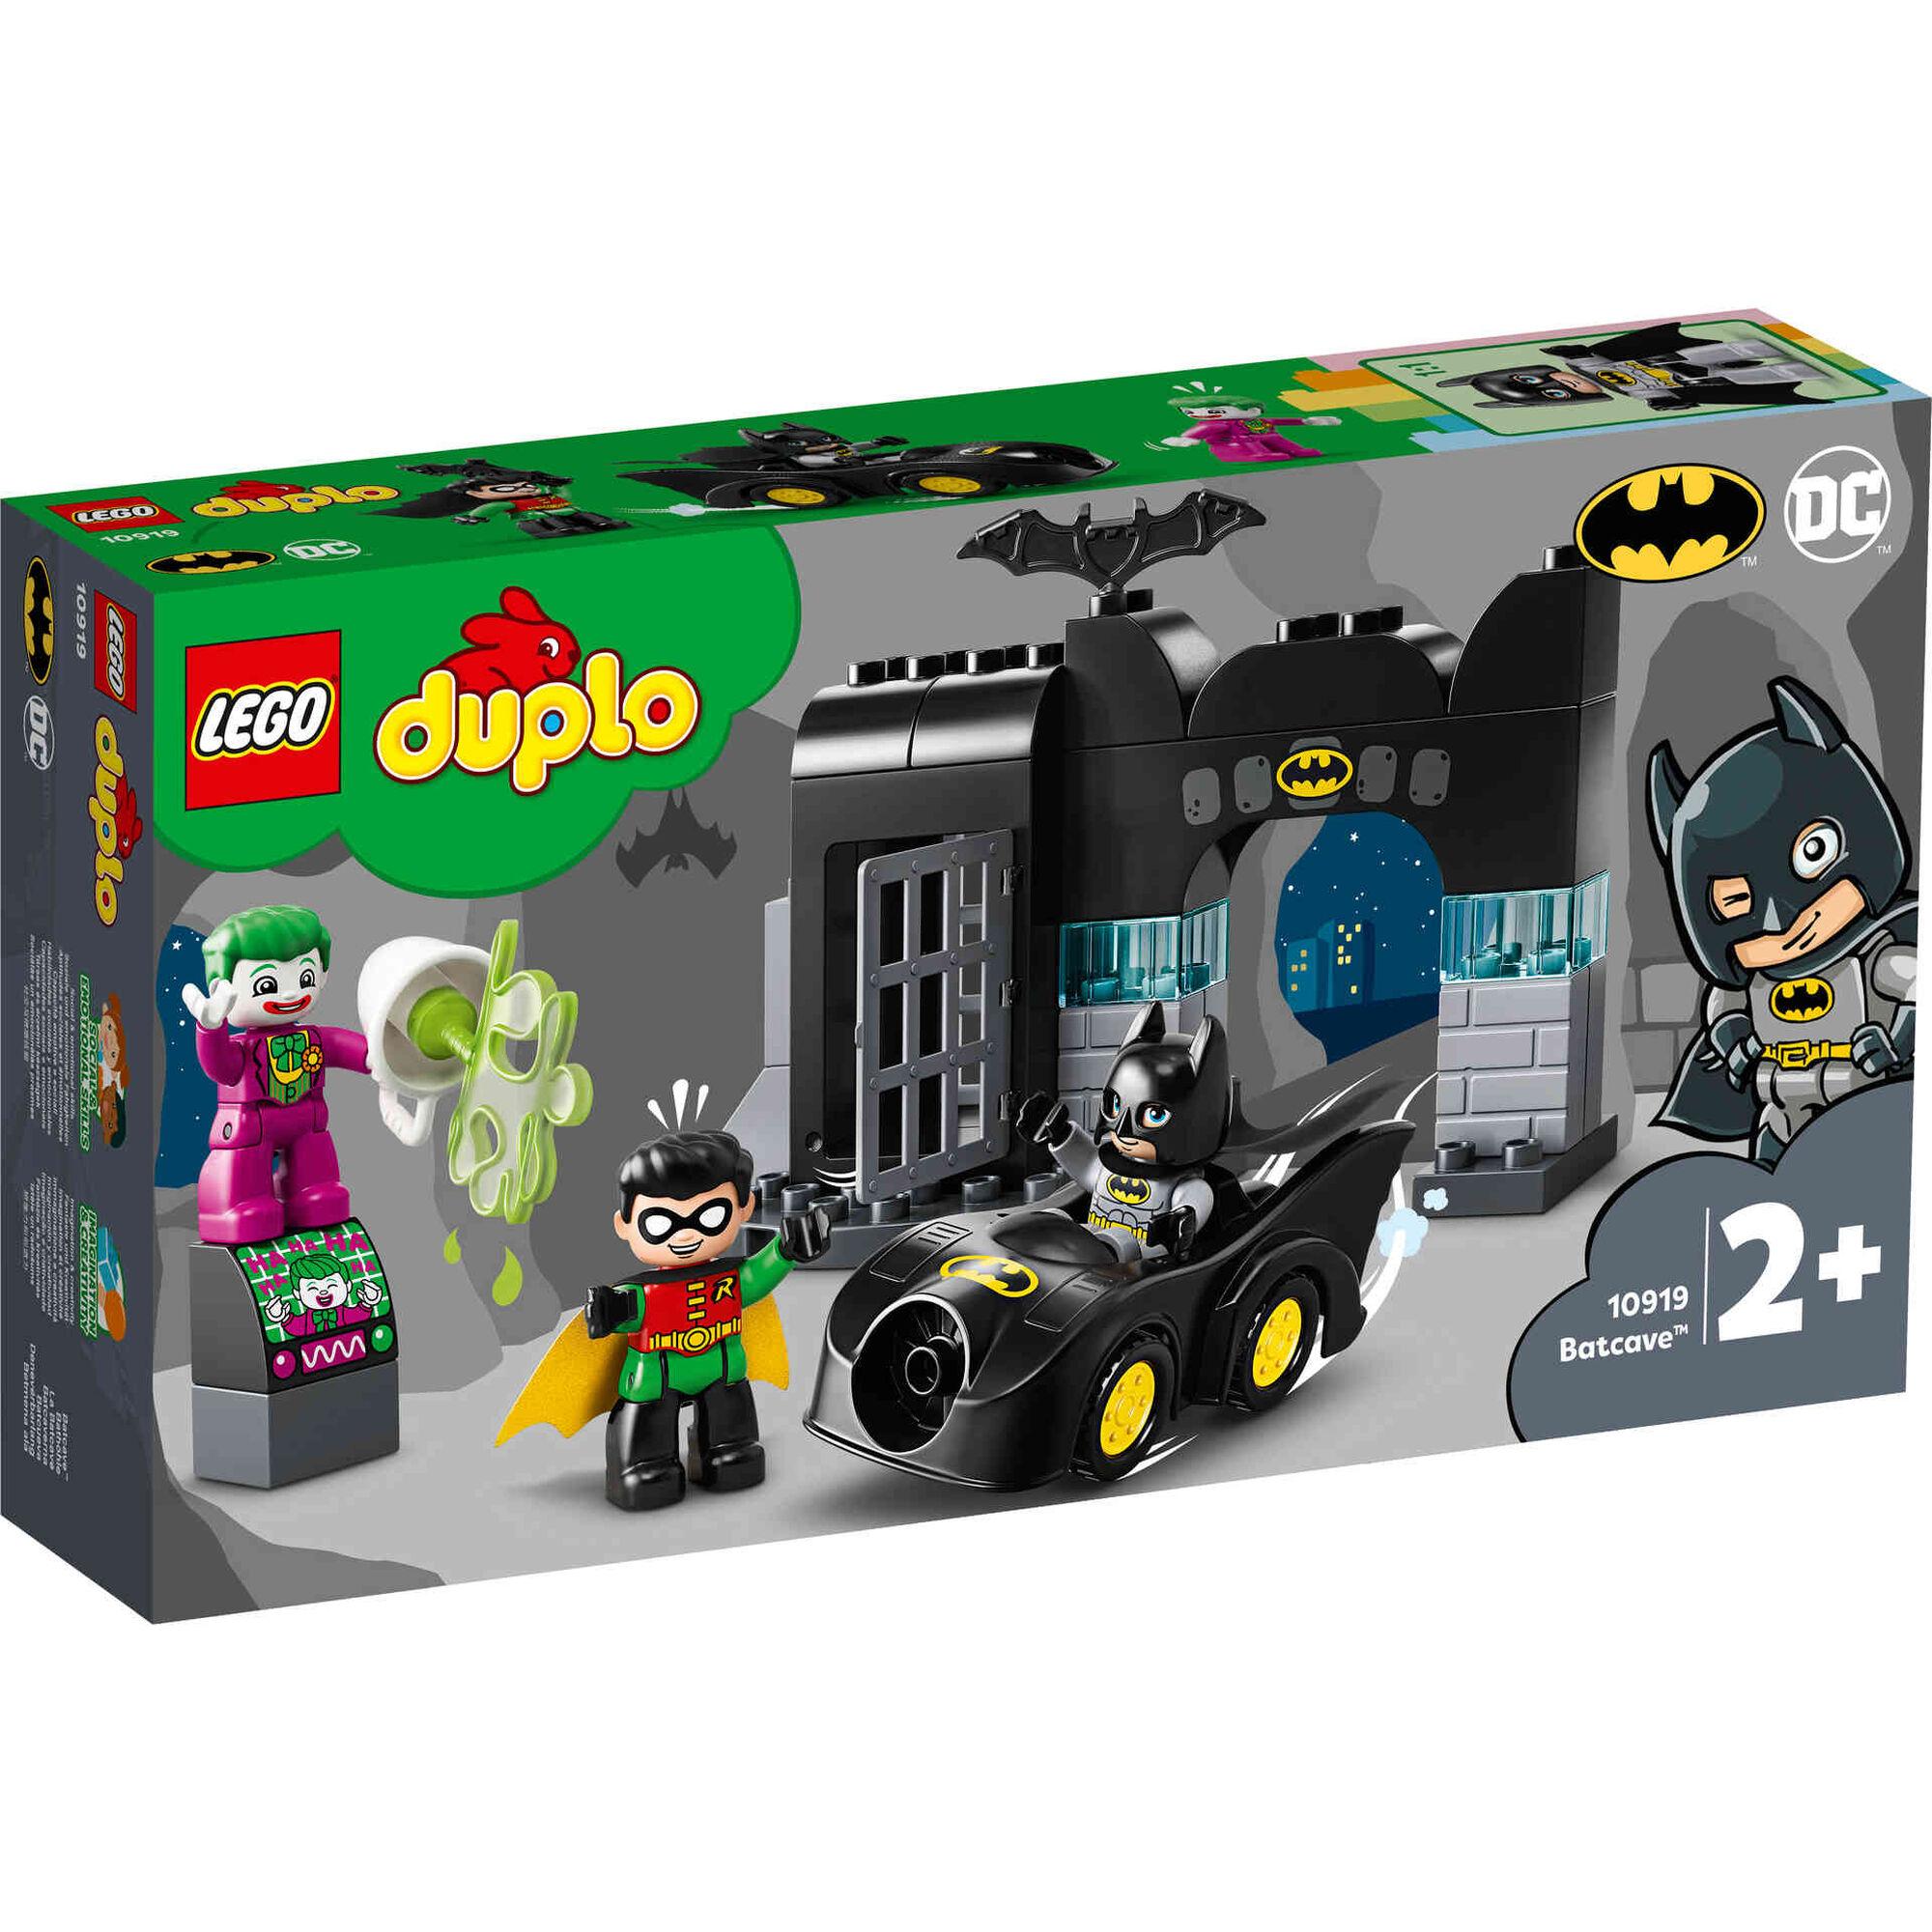 Batcave - 10919